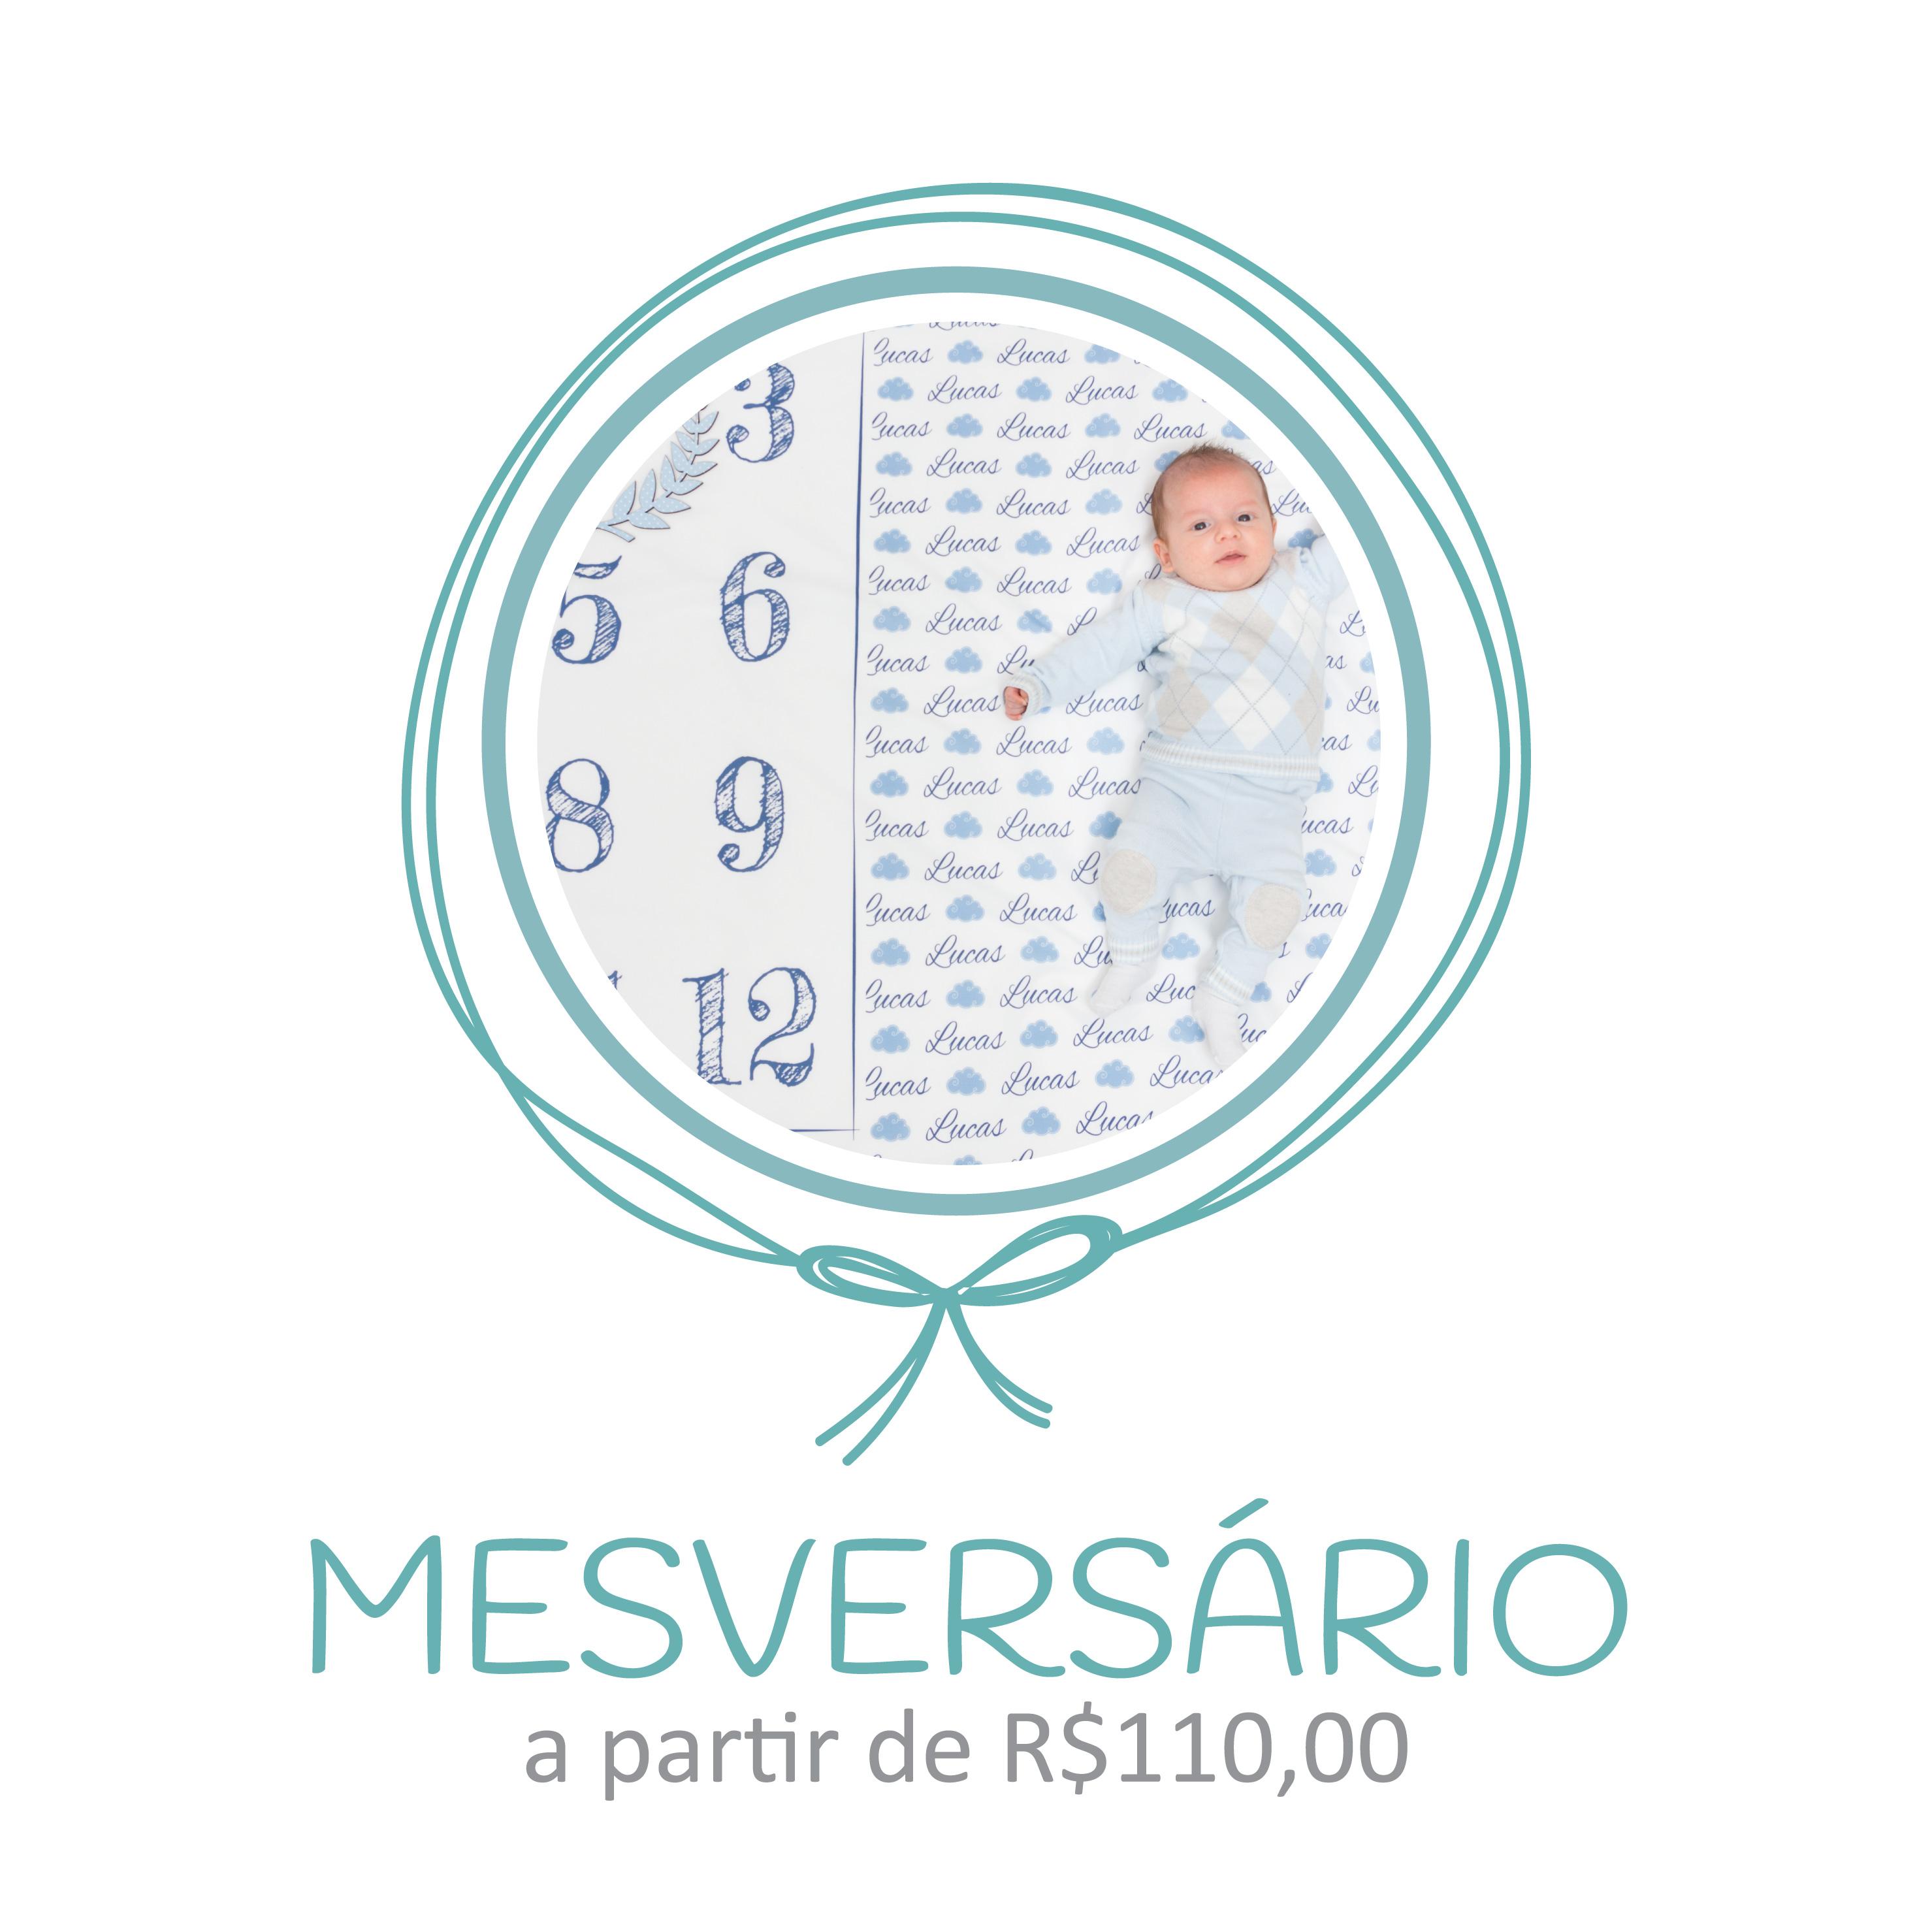 MESVERSARIO